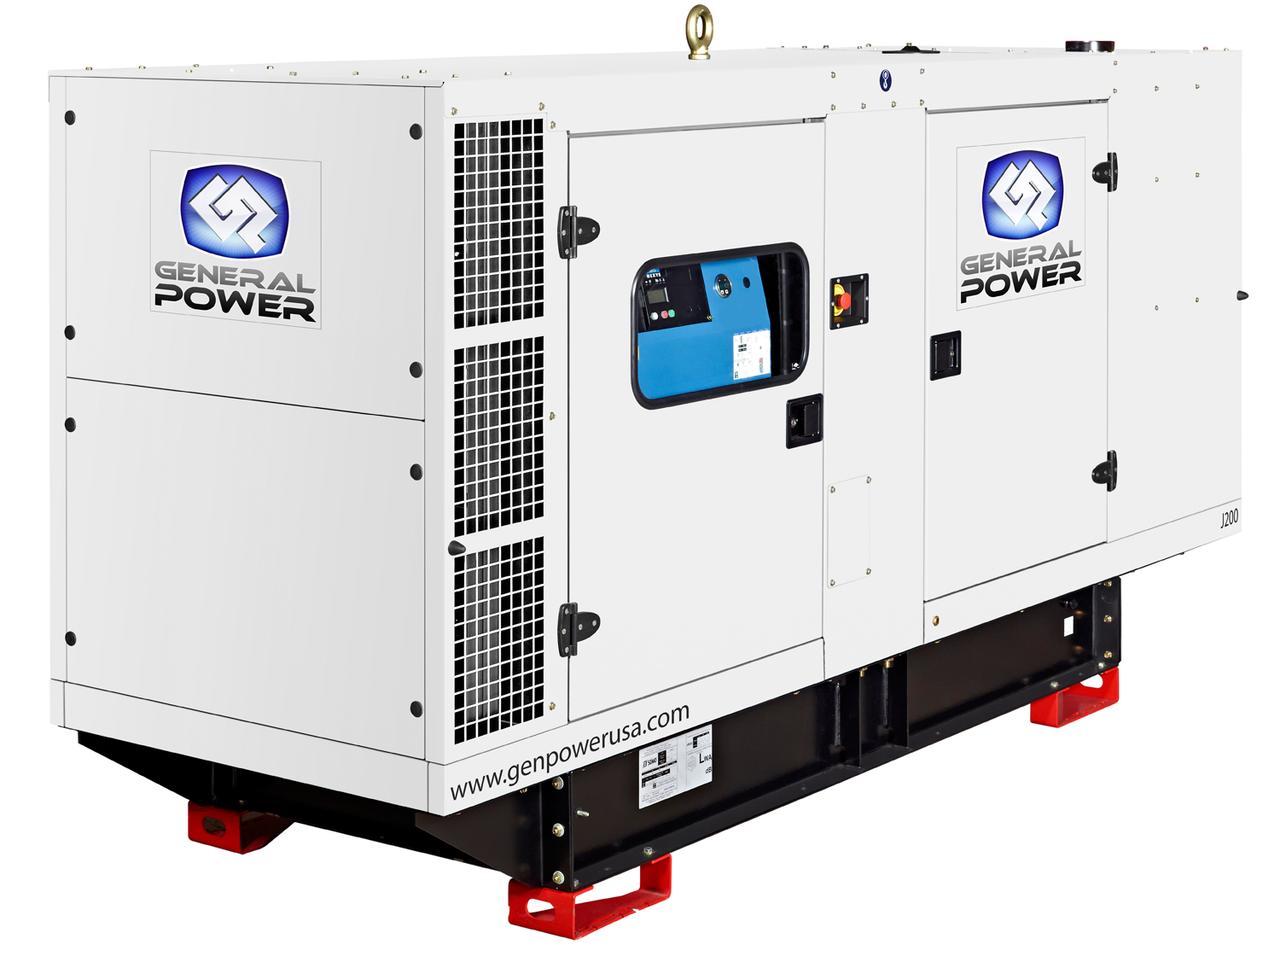 JOHN DEERE GENERATOR 200 KW J200UC3 IV__73893.1475272346.1280.1280?c=2 200 kw diesel generator john deere diesel generator